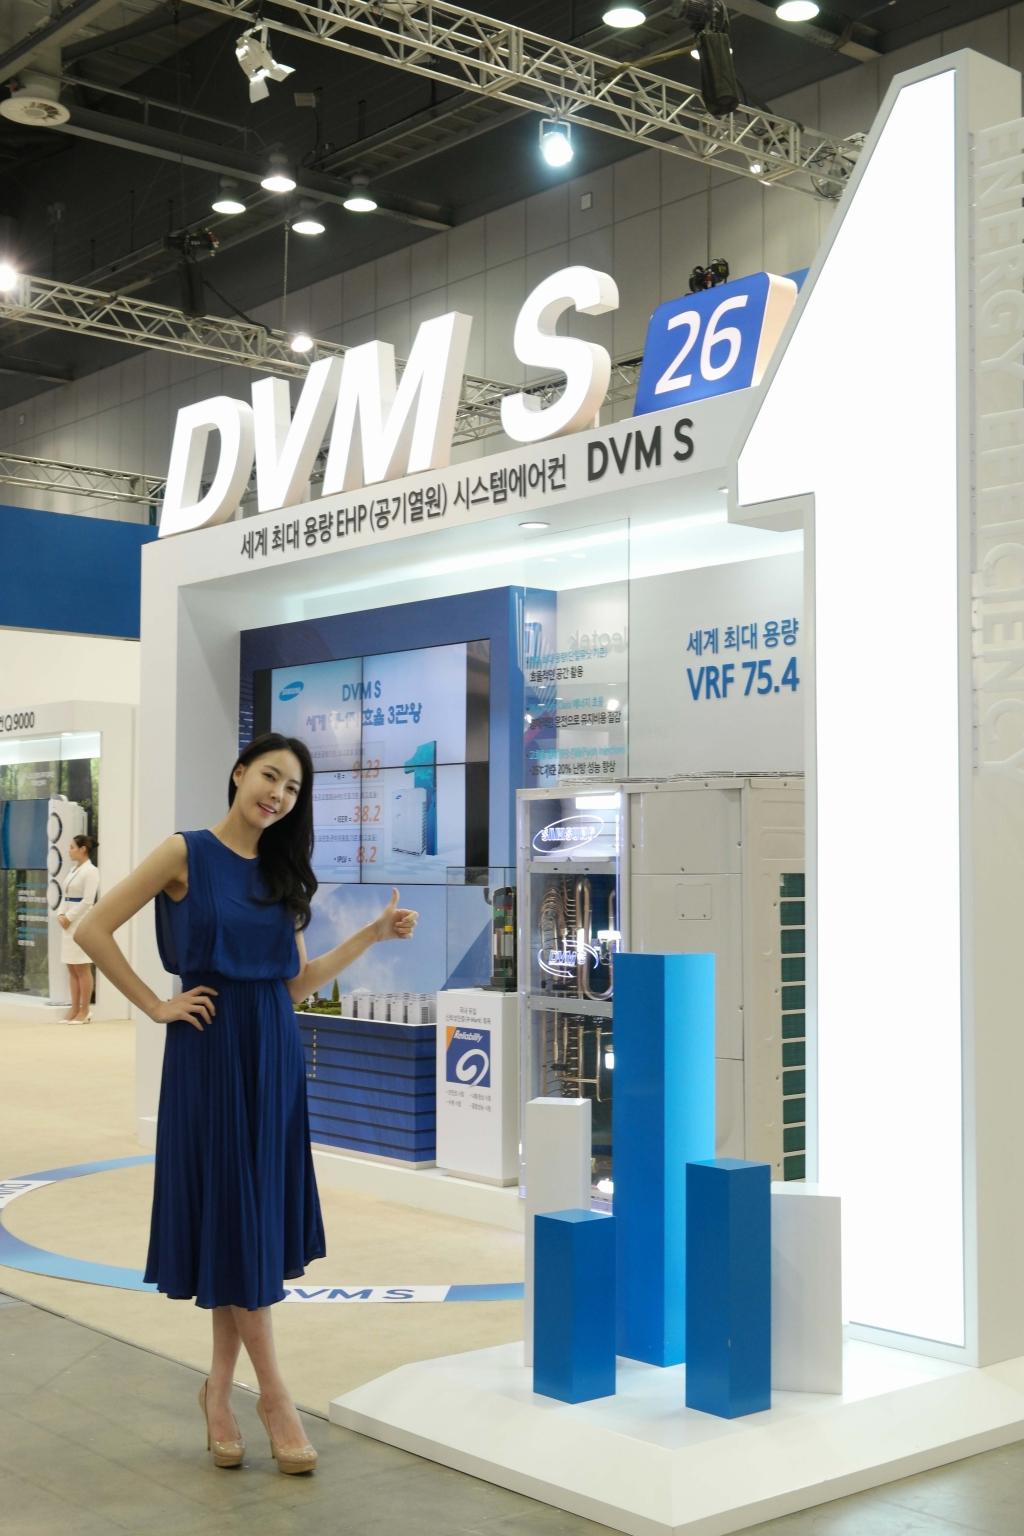 삼성전자, 세계 최대 용량 'DVM S' 등 친환경 혁신 공조 솔루션 선보여